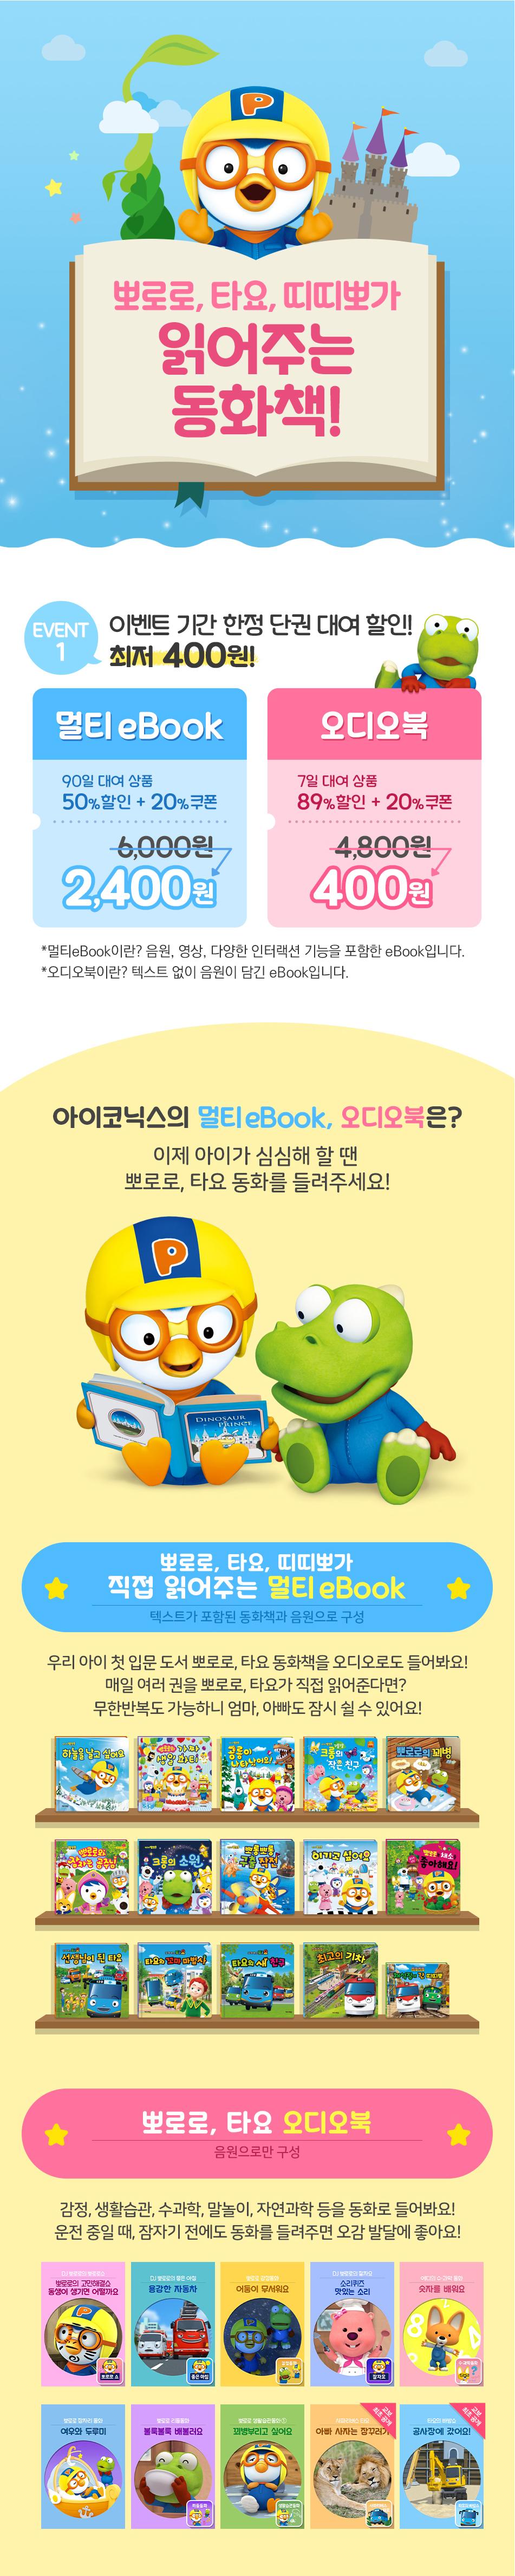 [50%] 뽀로로 멀티eBook 기획전